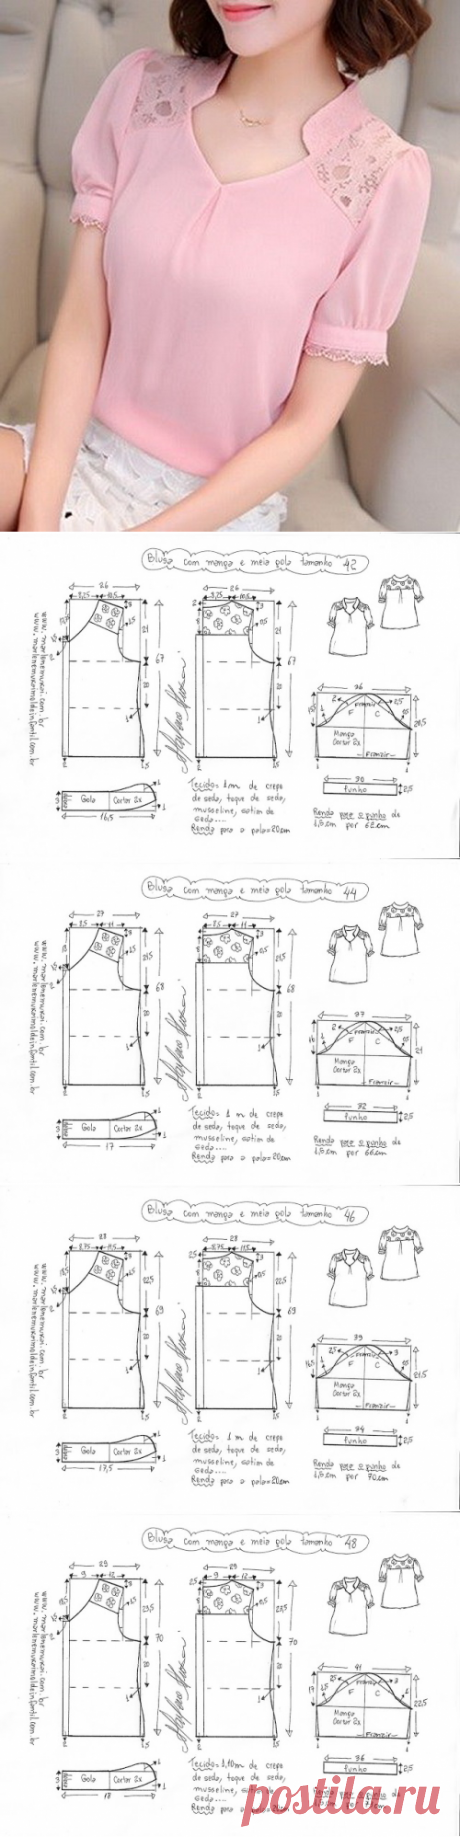 Выкройка модельной блузки